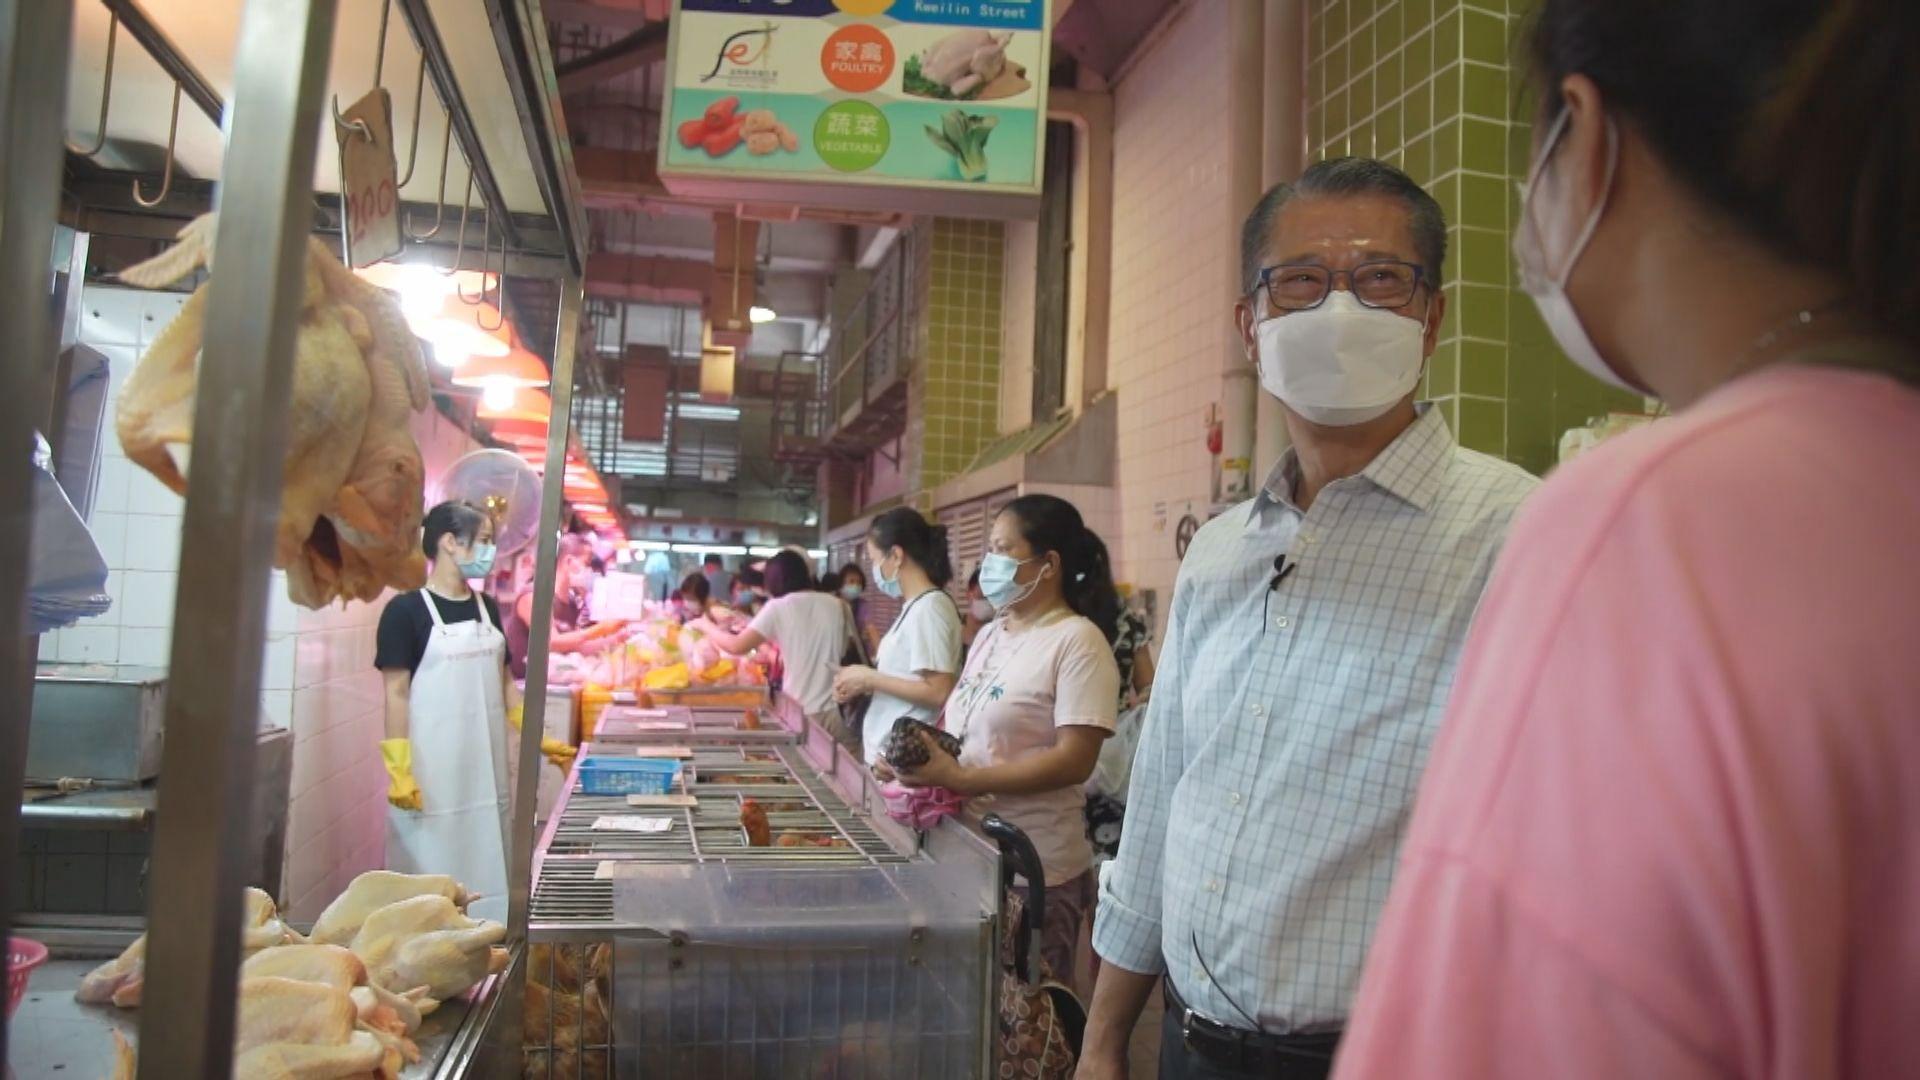 陳茂波︰香港未來廿多年內必須告別劏房